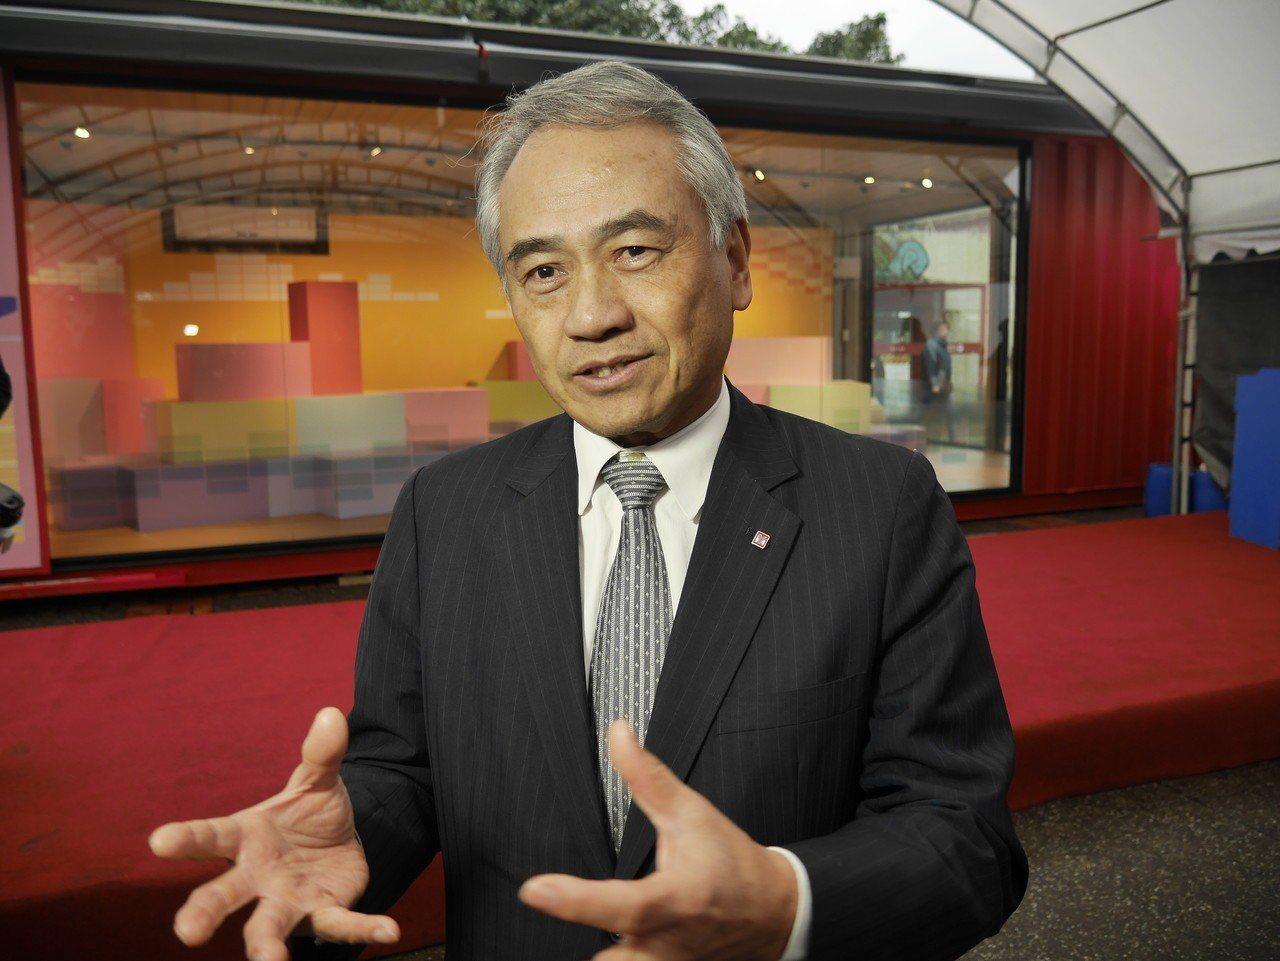 基隆出生長大的陽明海運集團董事長謝志堅,提到他現在最想看的是彩色屋,他常推薦朋友...